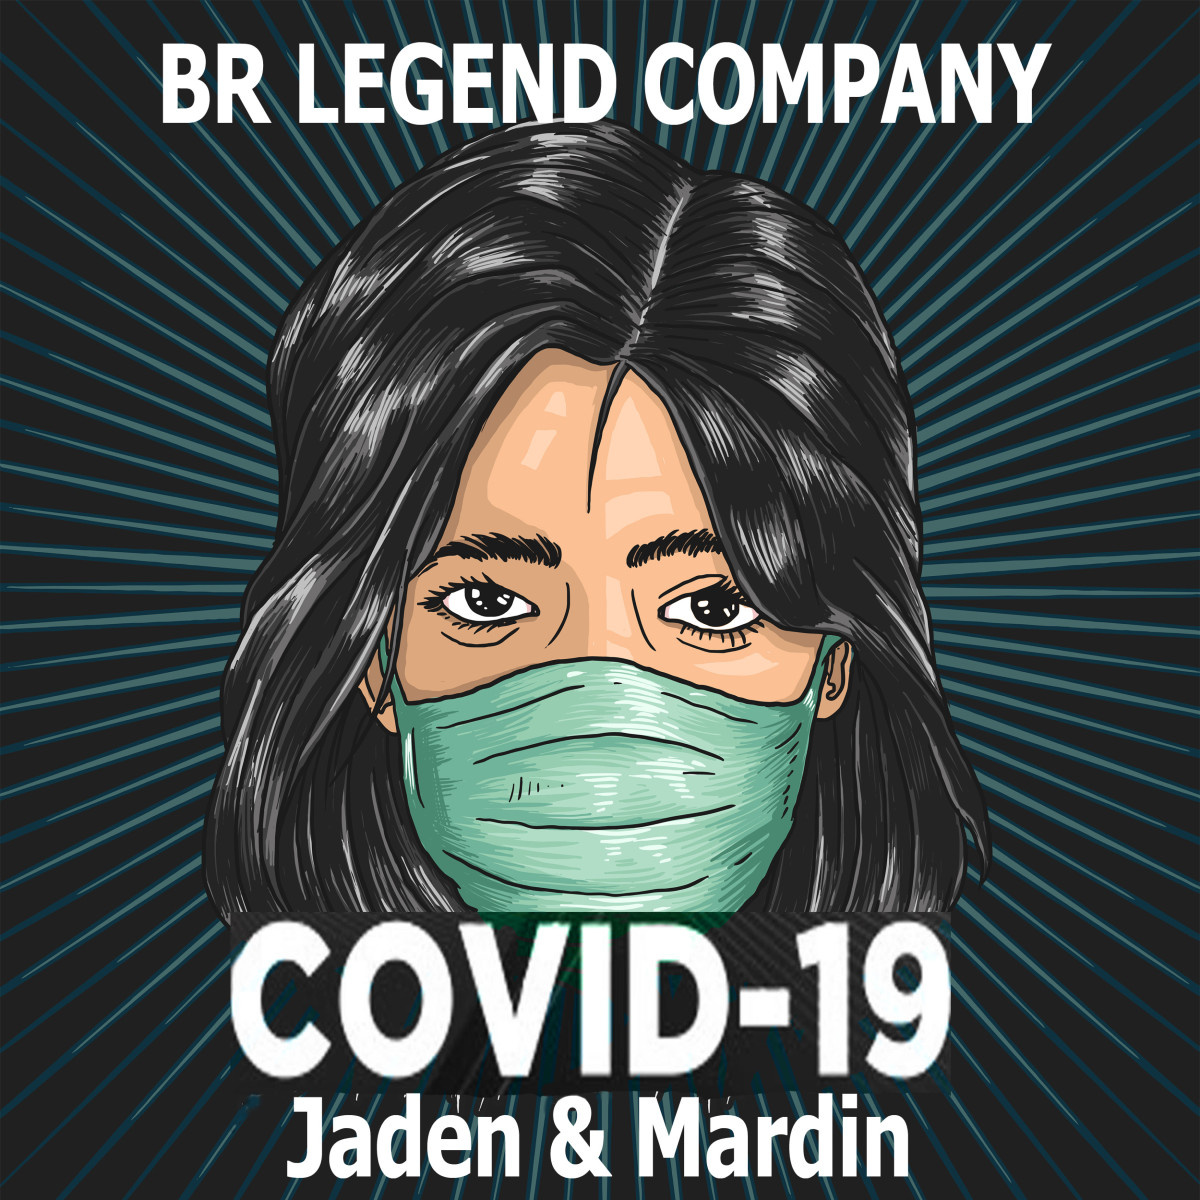 BR Legend (Jaden & Mardin) - Covid 19